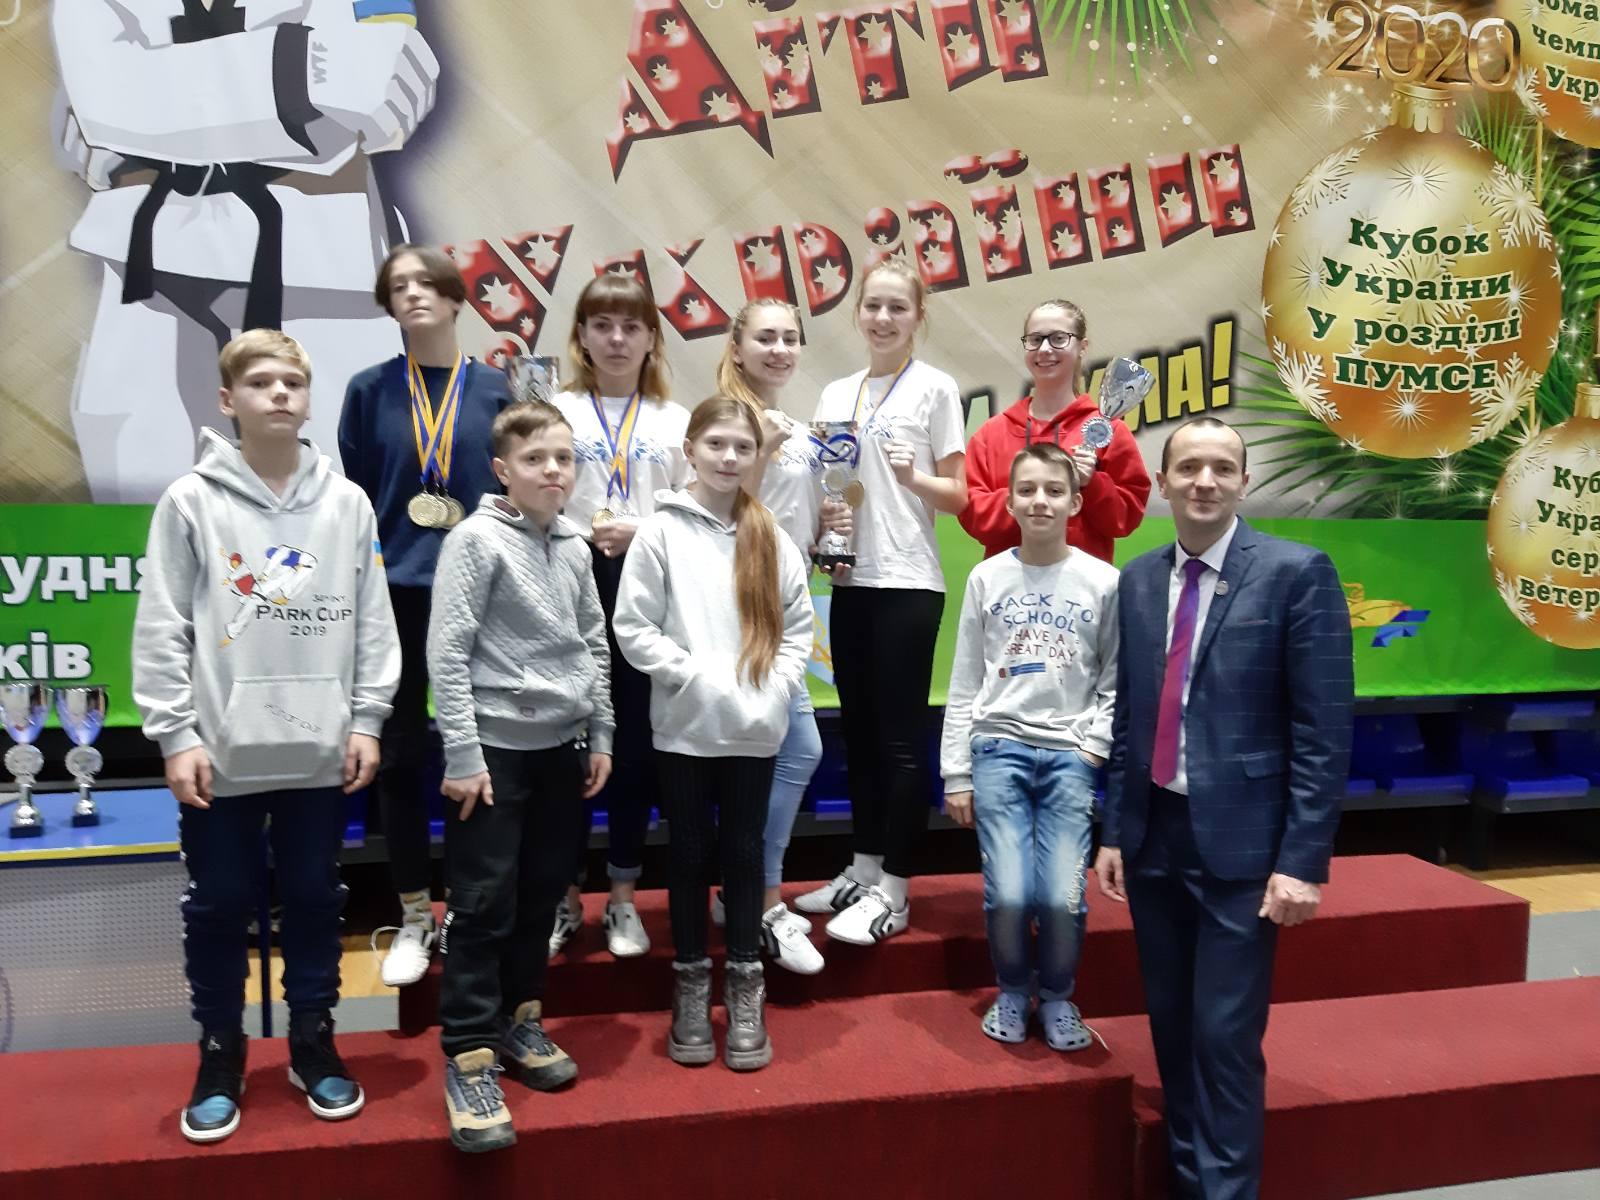 Волинські спортсмени вибороли призові місця на кубку України із тхеквондо